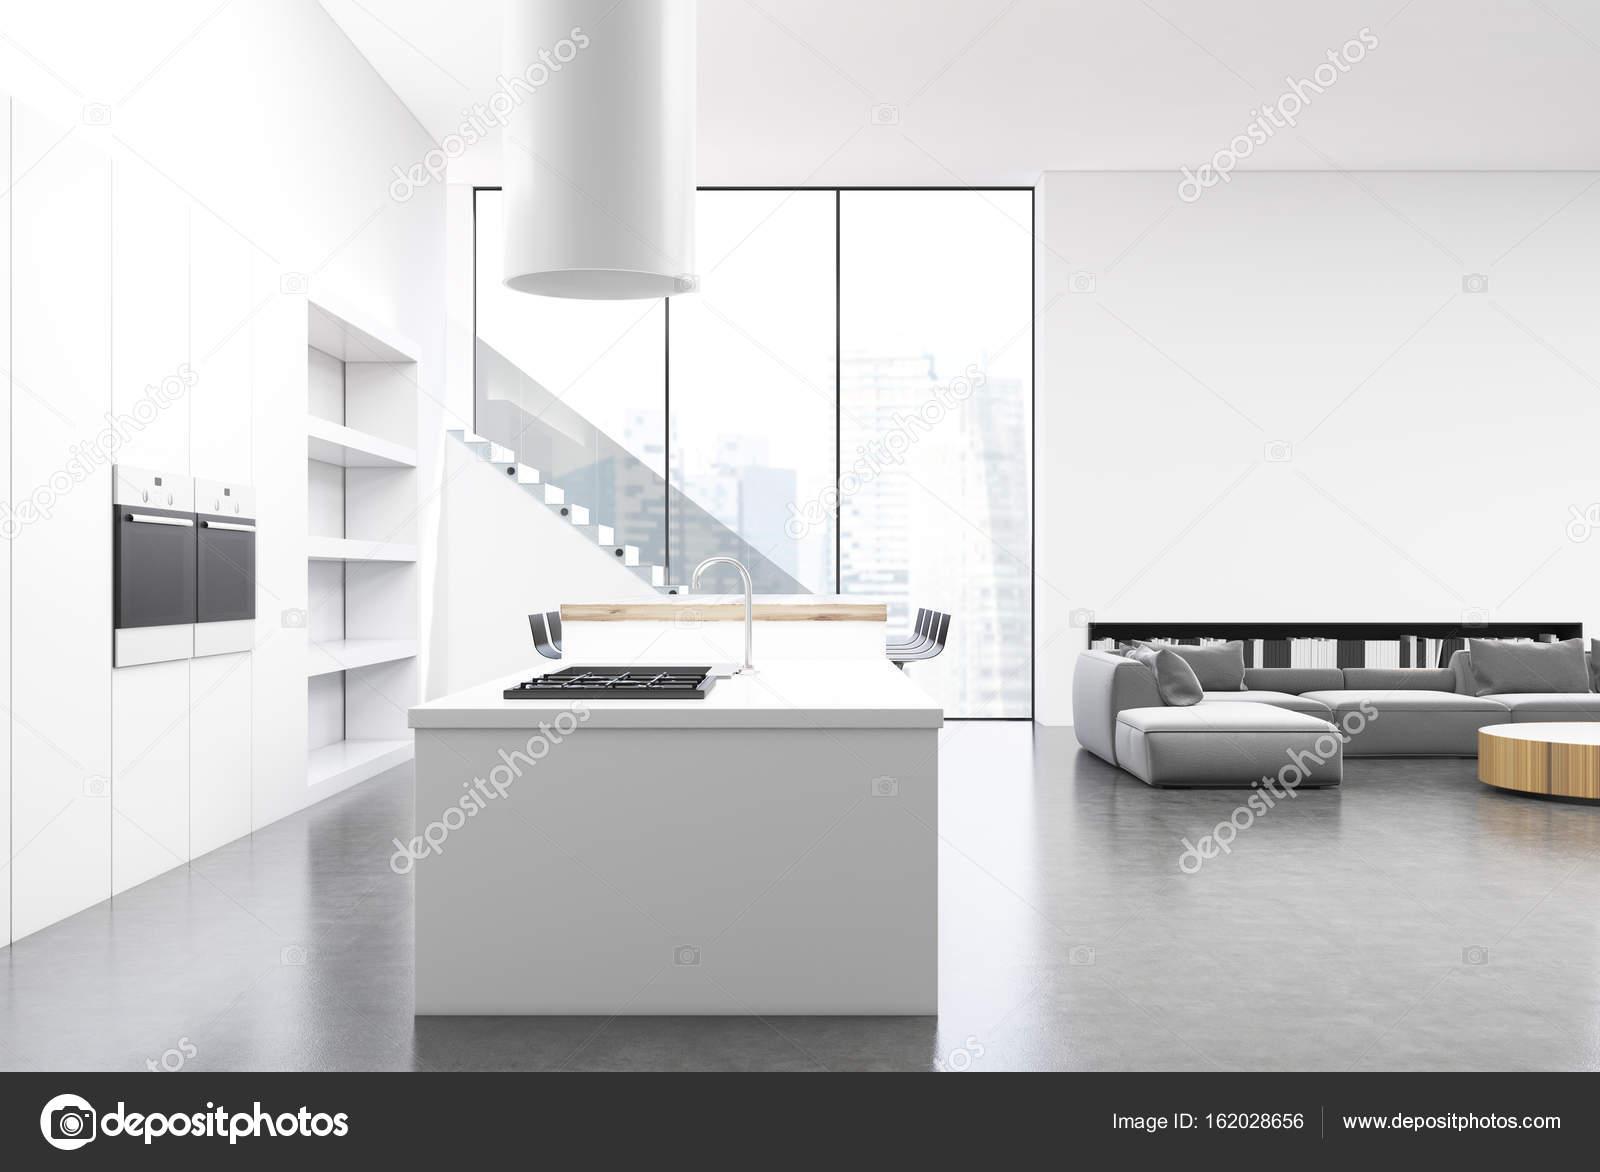 Uberlegen Weiße Küche Und Wohnzimmer, Ecke U2014 Stockfoto